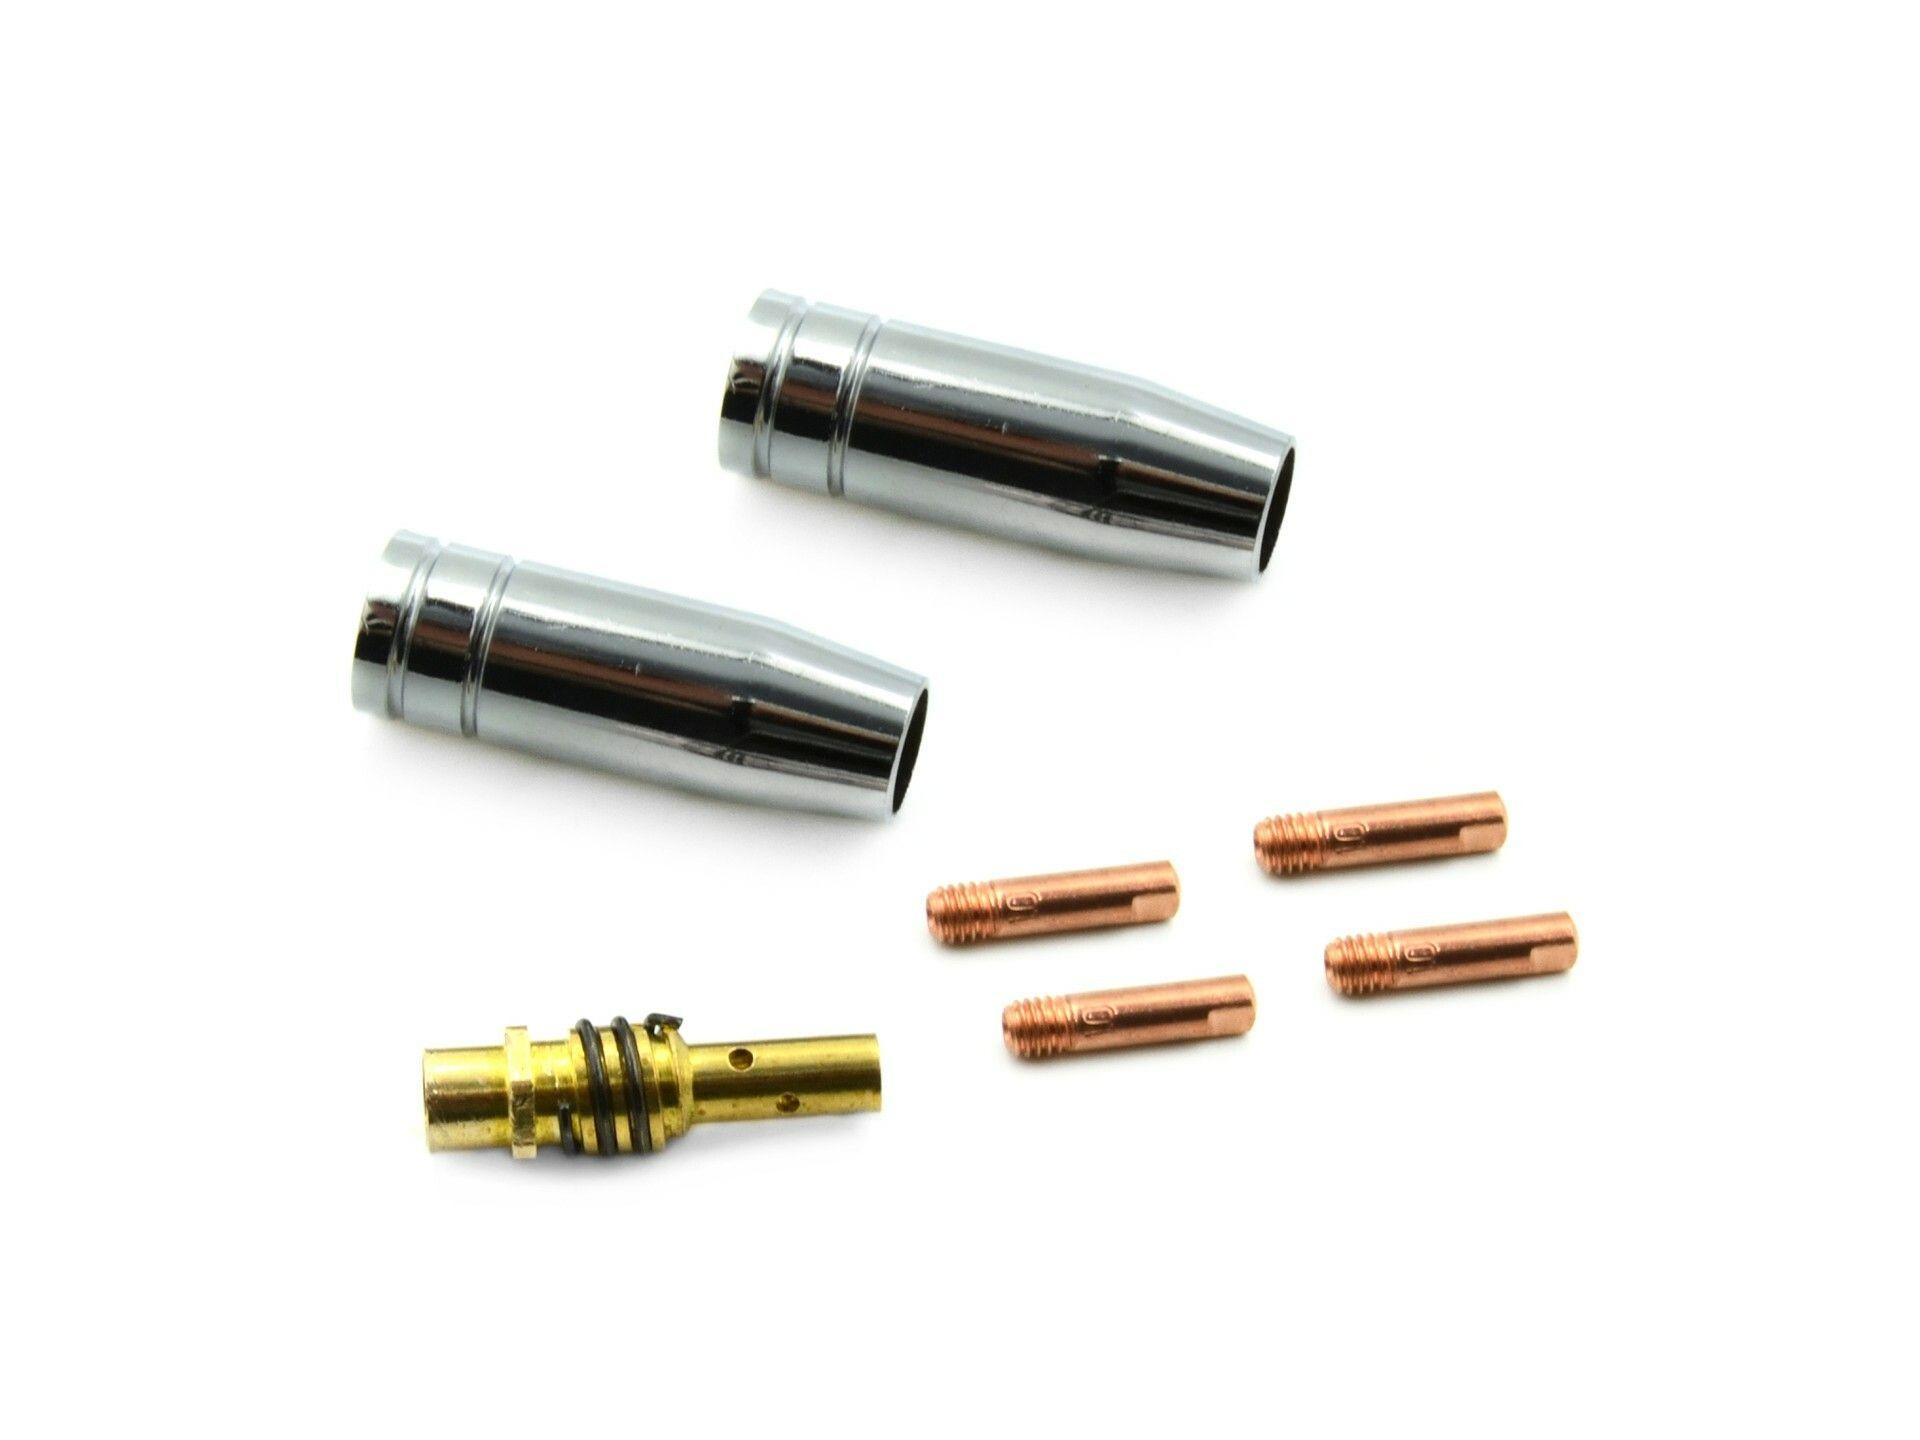 Sada trysek a konektorů pro svařovací stroje GEKO